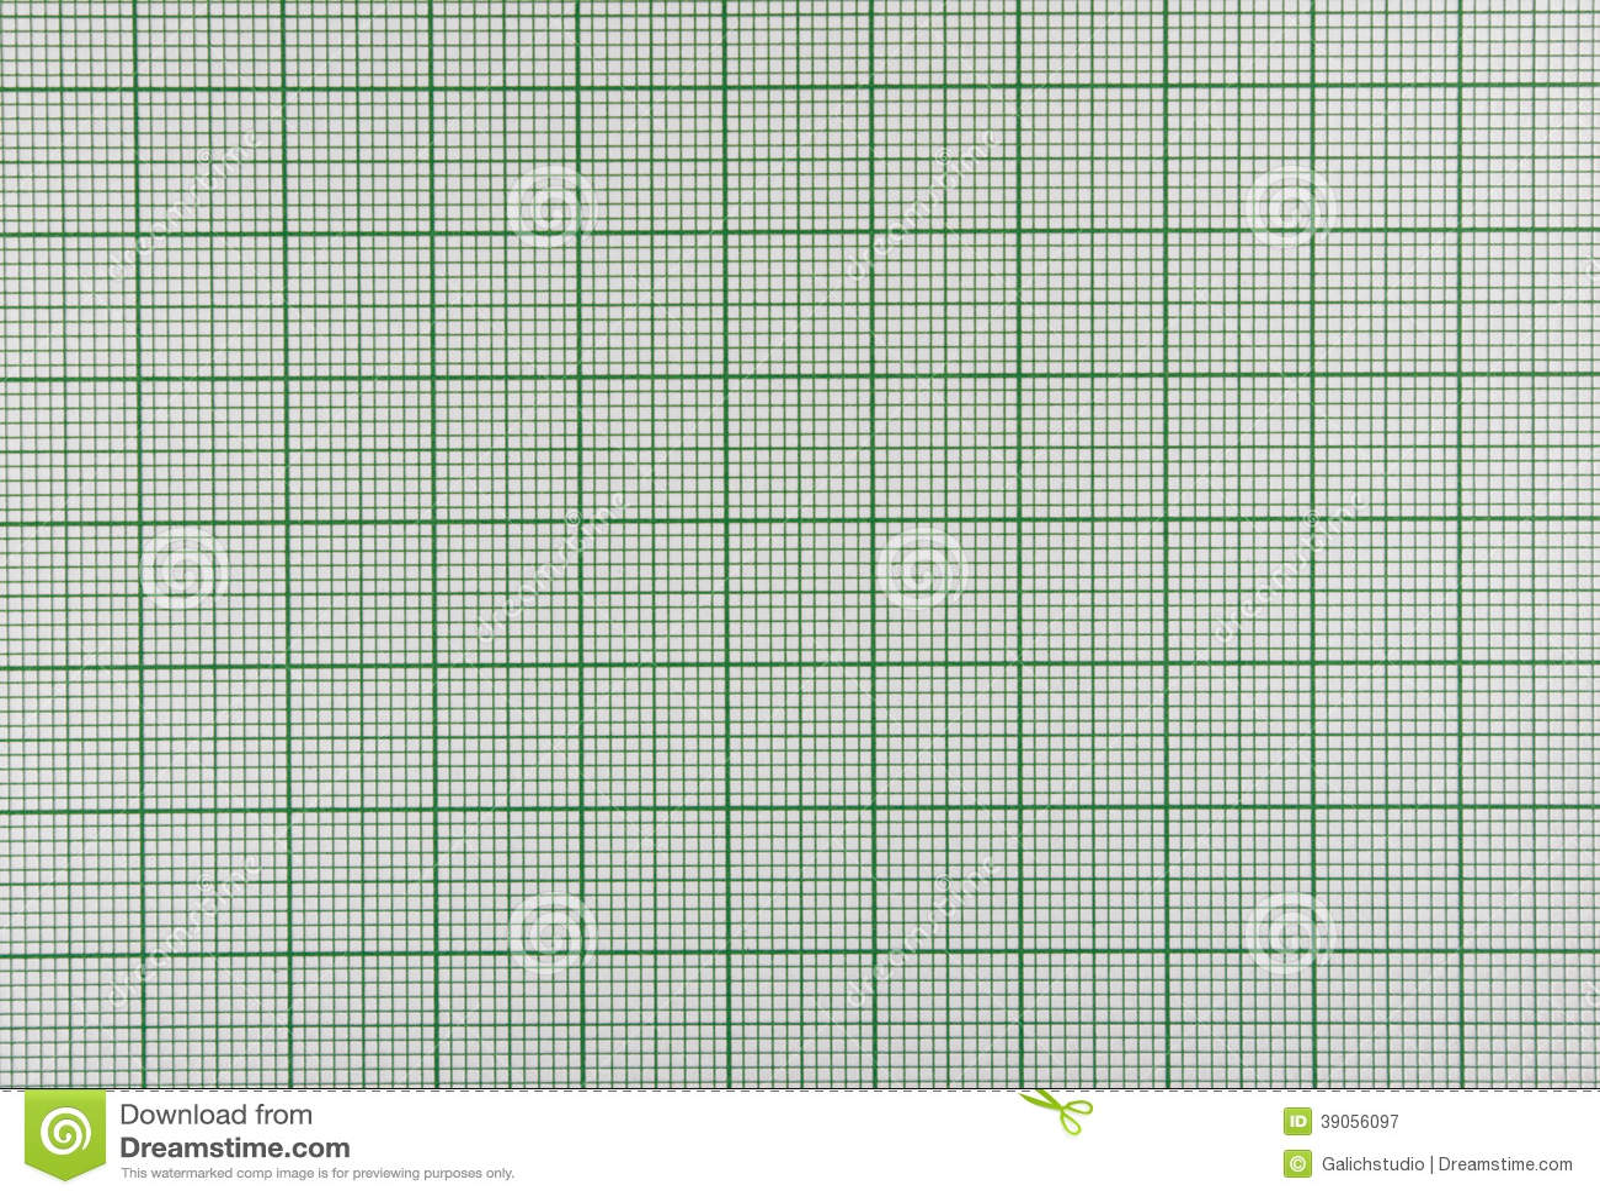 small graph paper